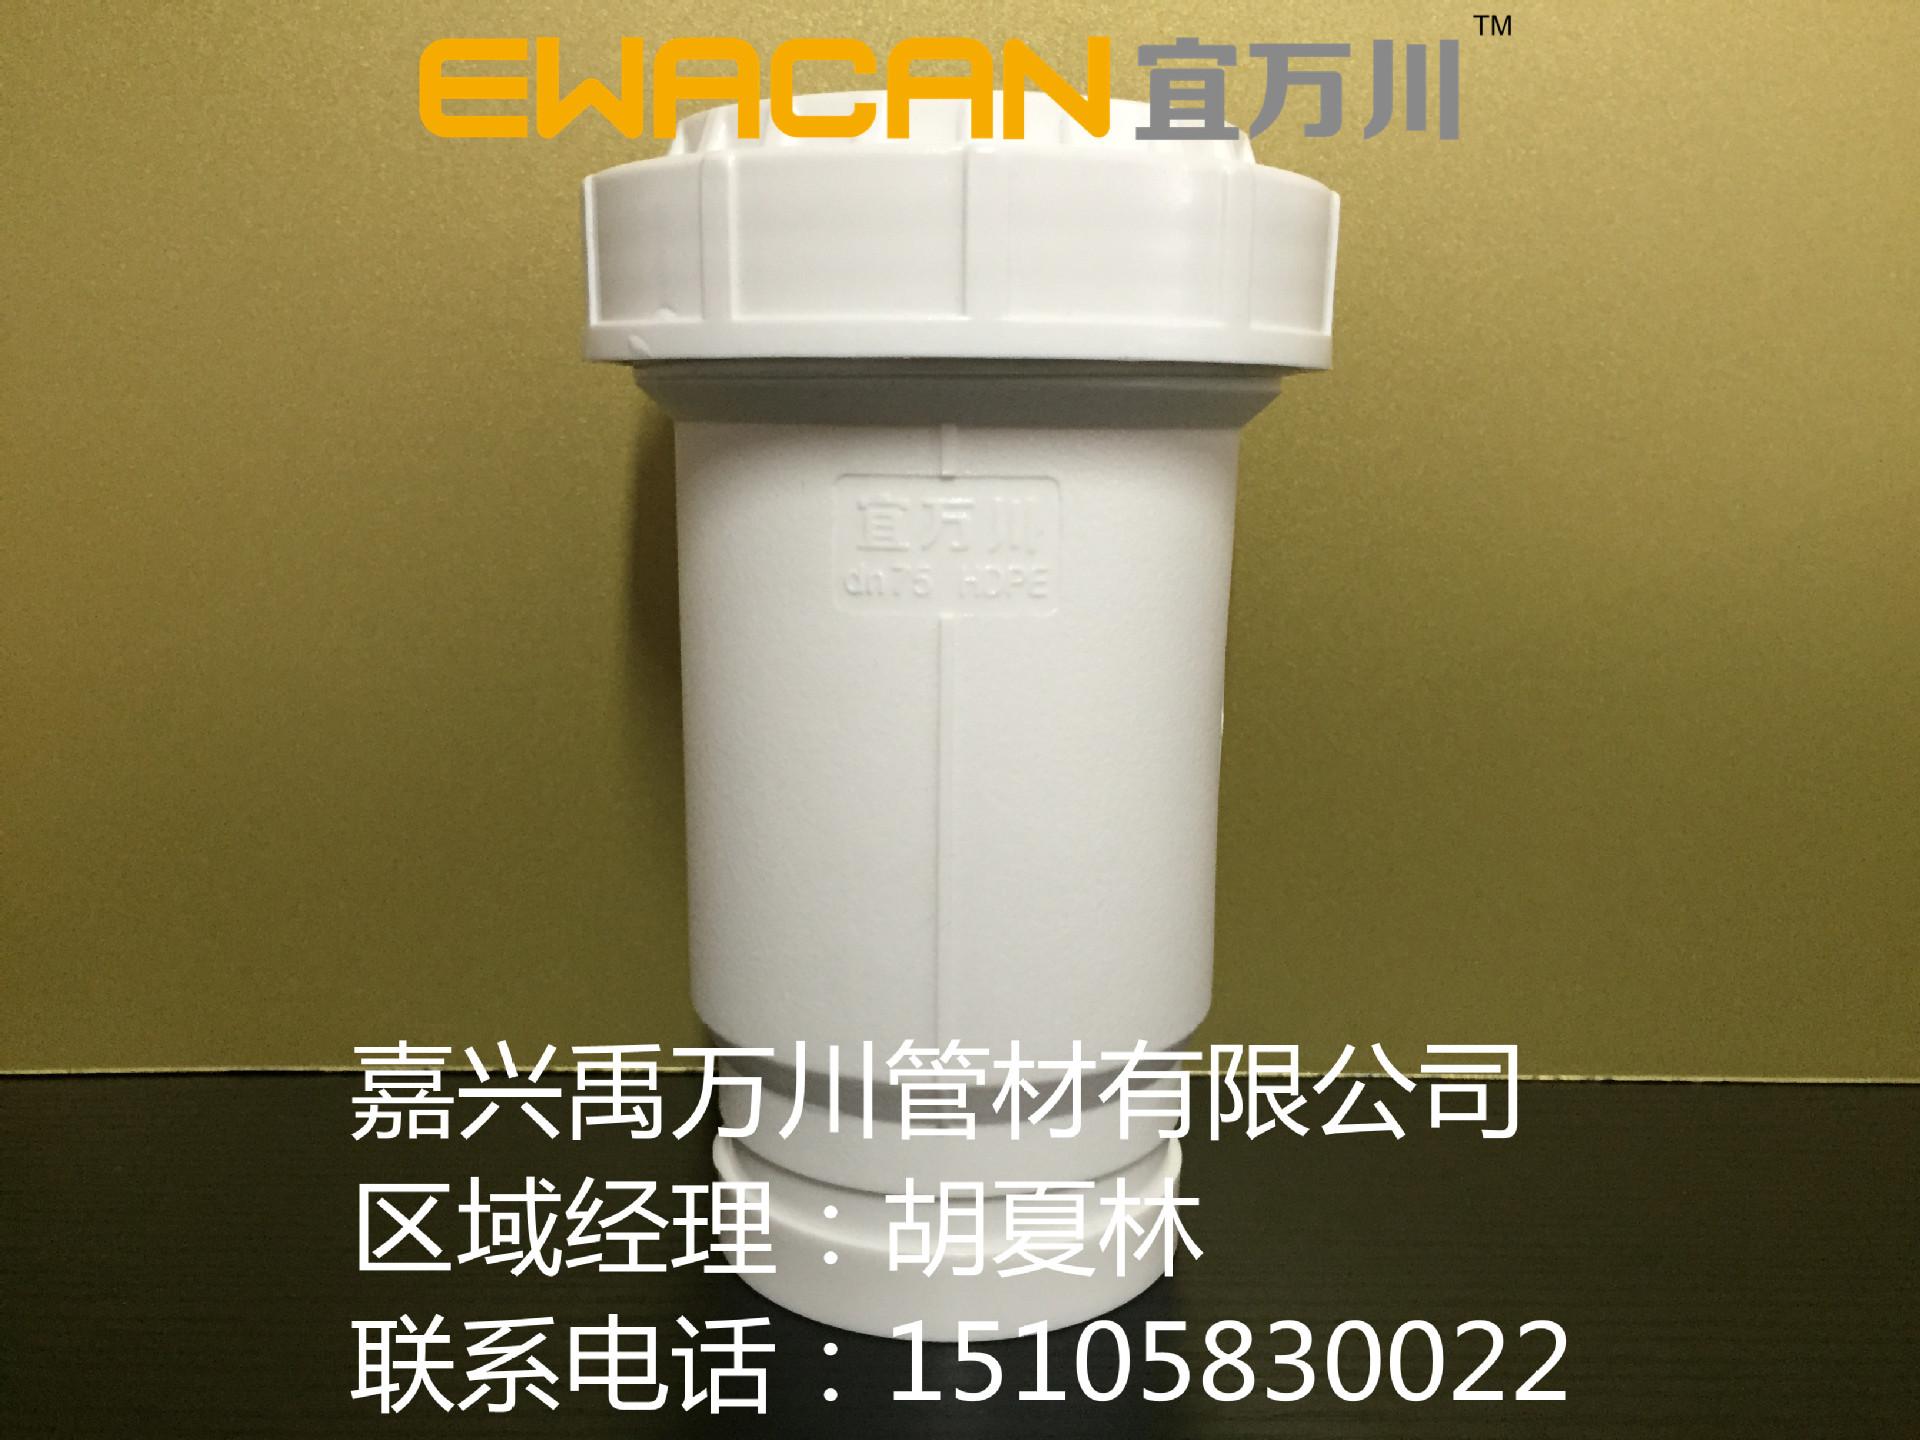 沟槽式HDPE超静音排水管,沟槽式伸缩节,HDPE沟槽管,宜万川PE管示例图5